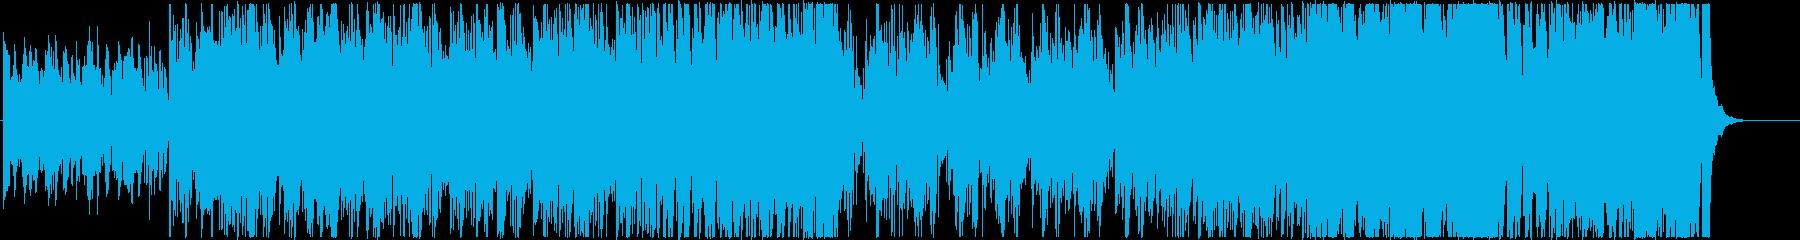 不穏/緊迫/スリリングなエレクトロタンゴの再生済みの波形